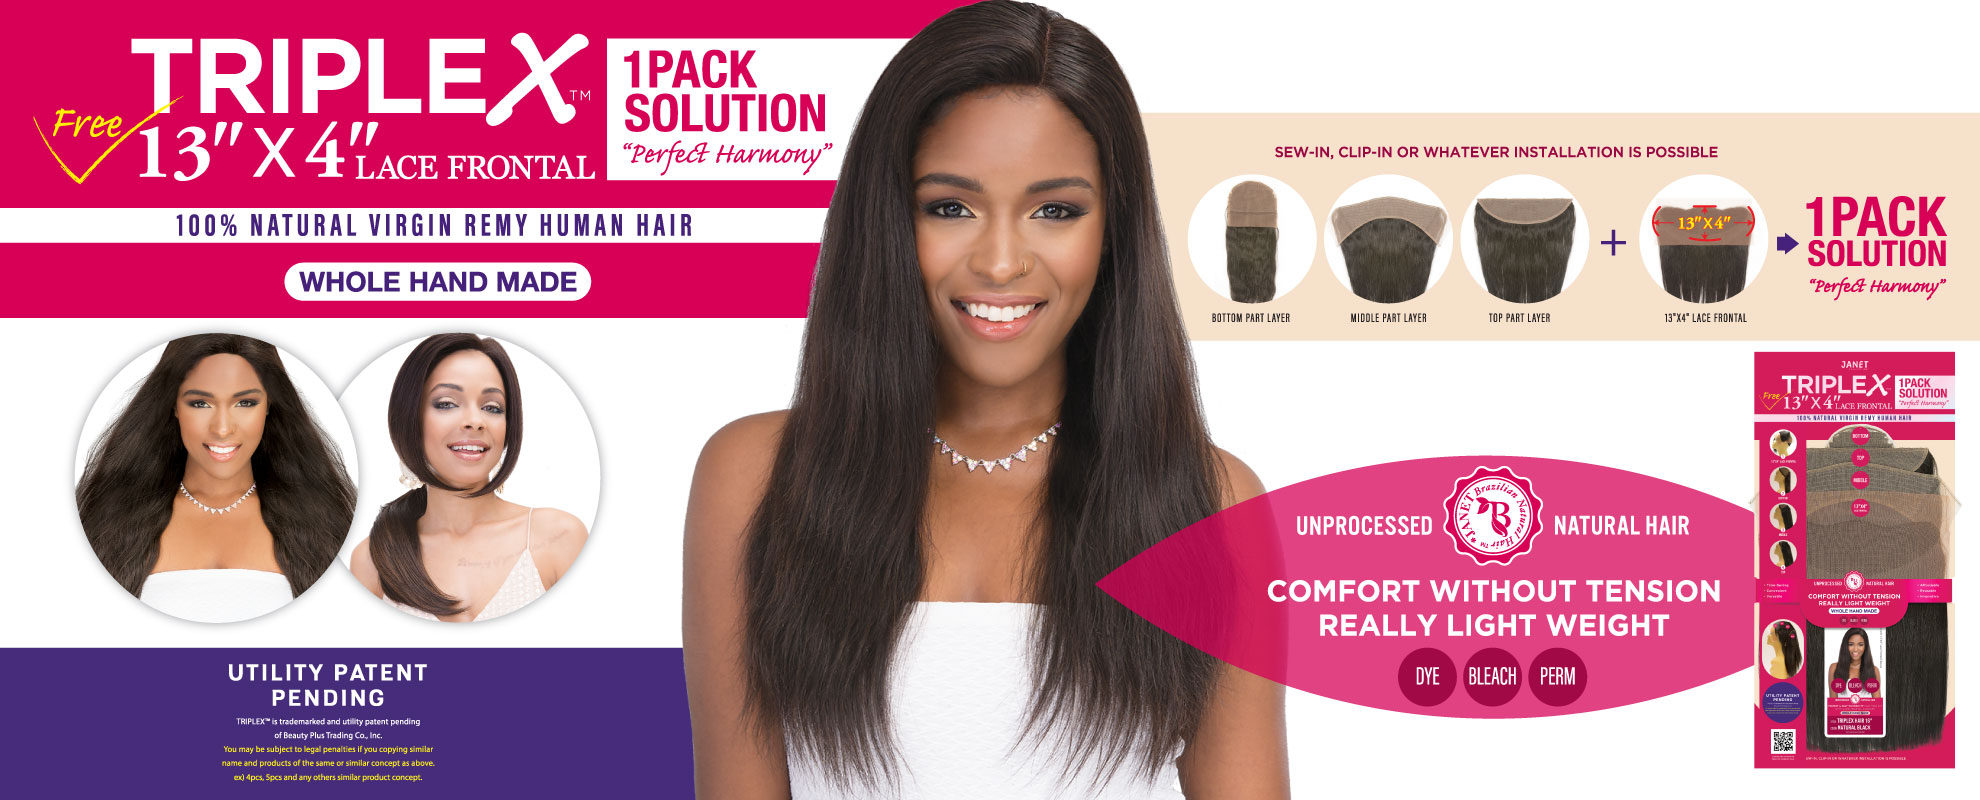 JANET - TRIPLEX HAIR